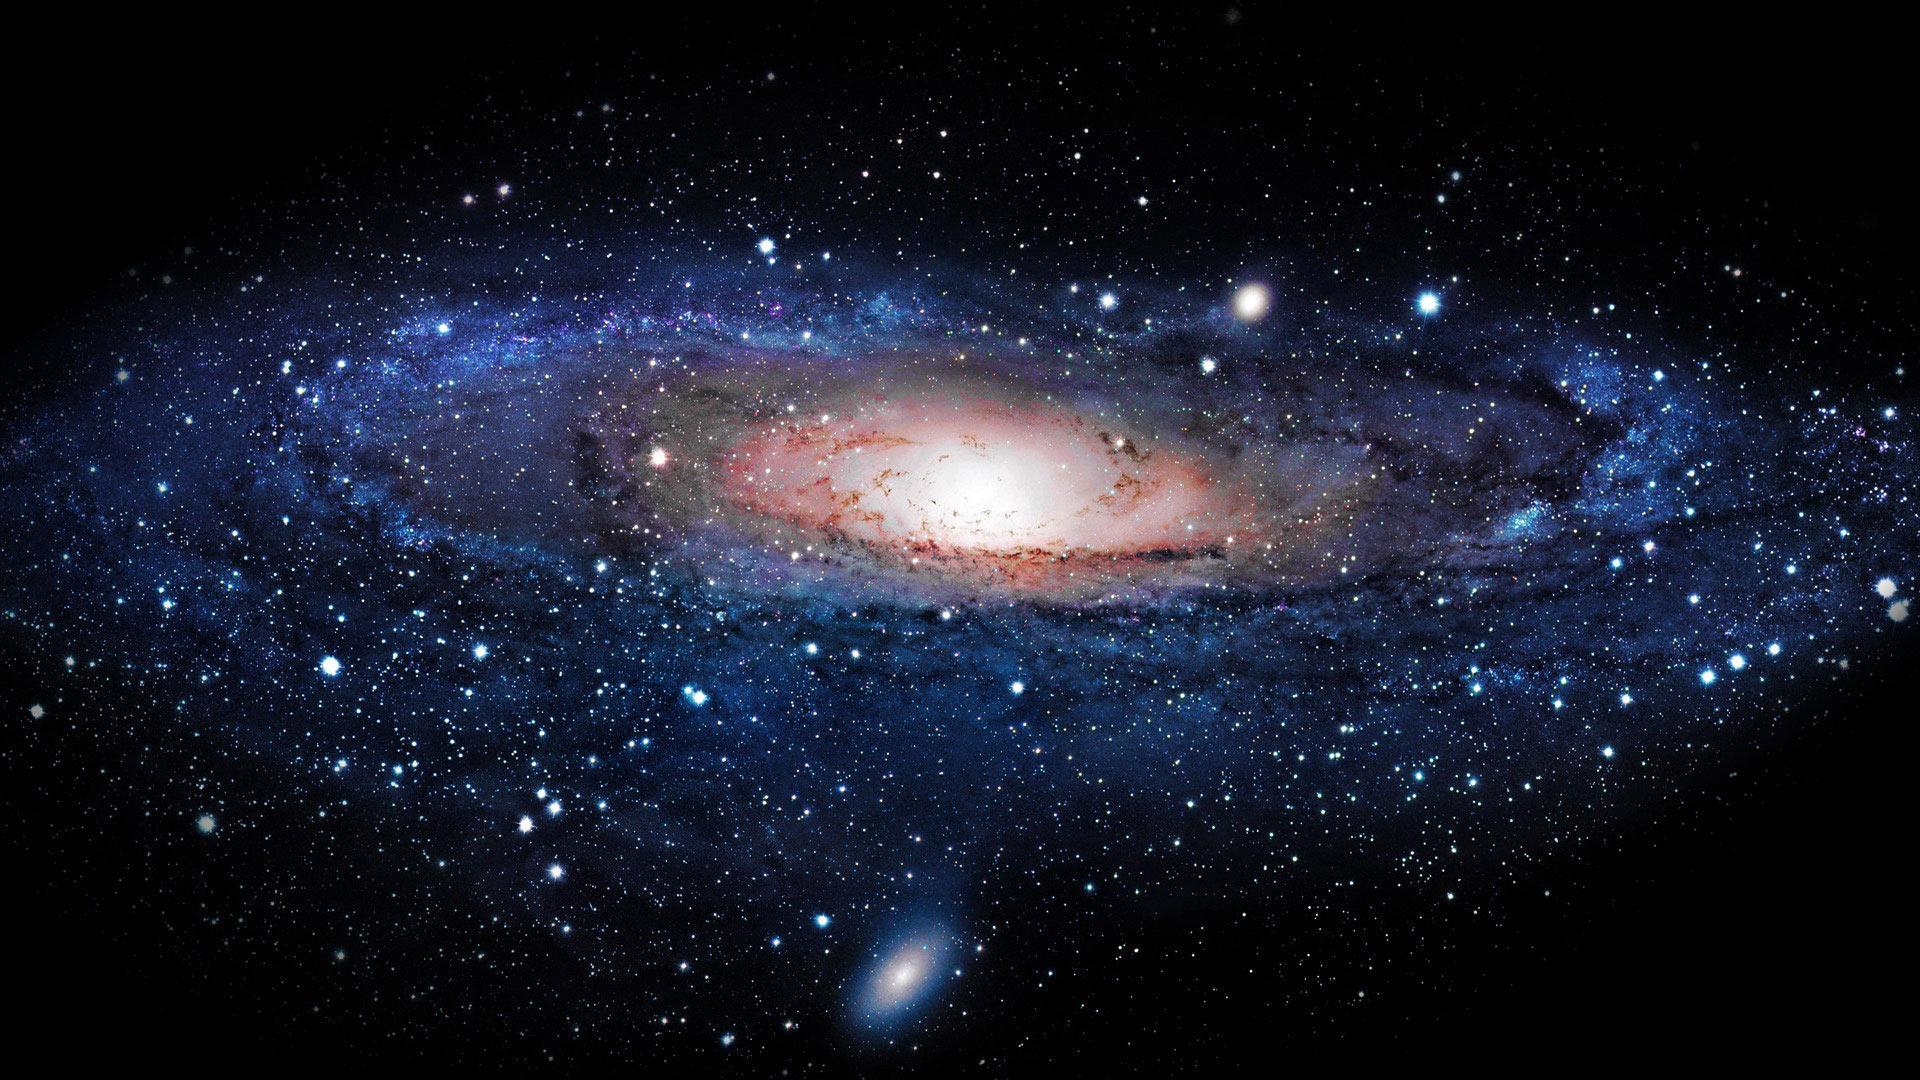 Новое фото телескопа Hubble подробно демонстрирует туманность Вуаль